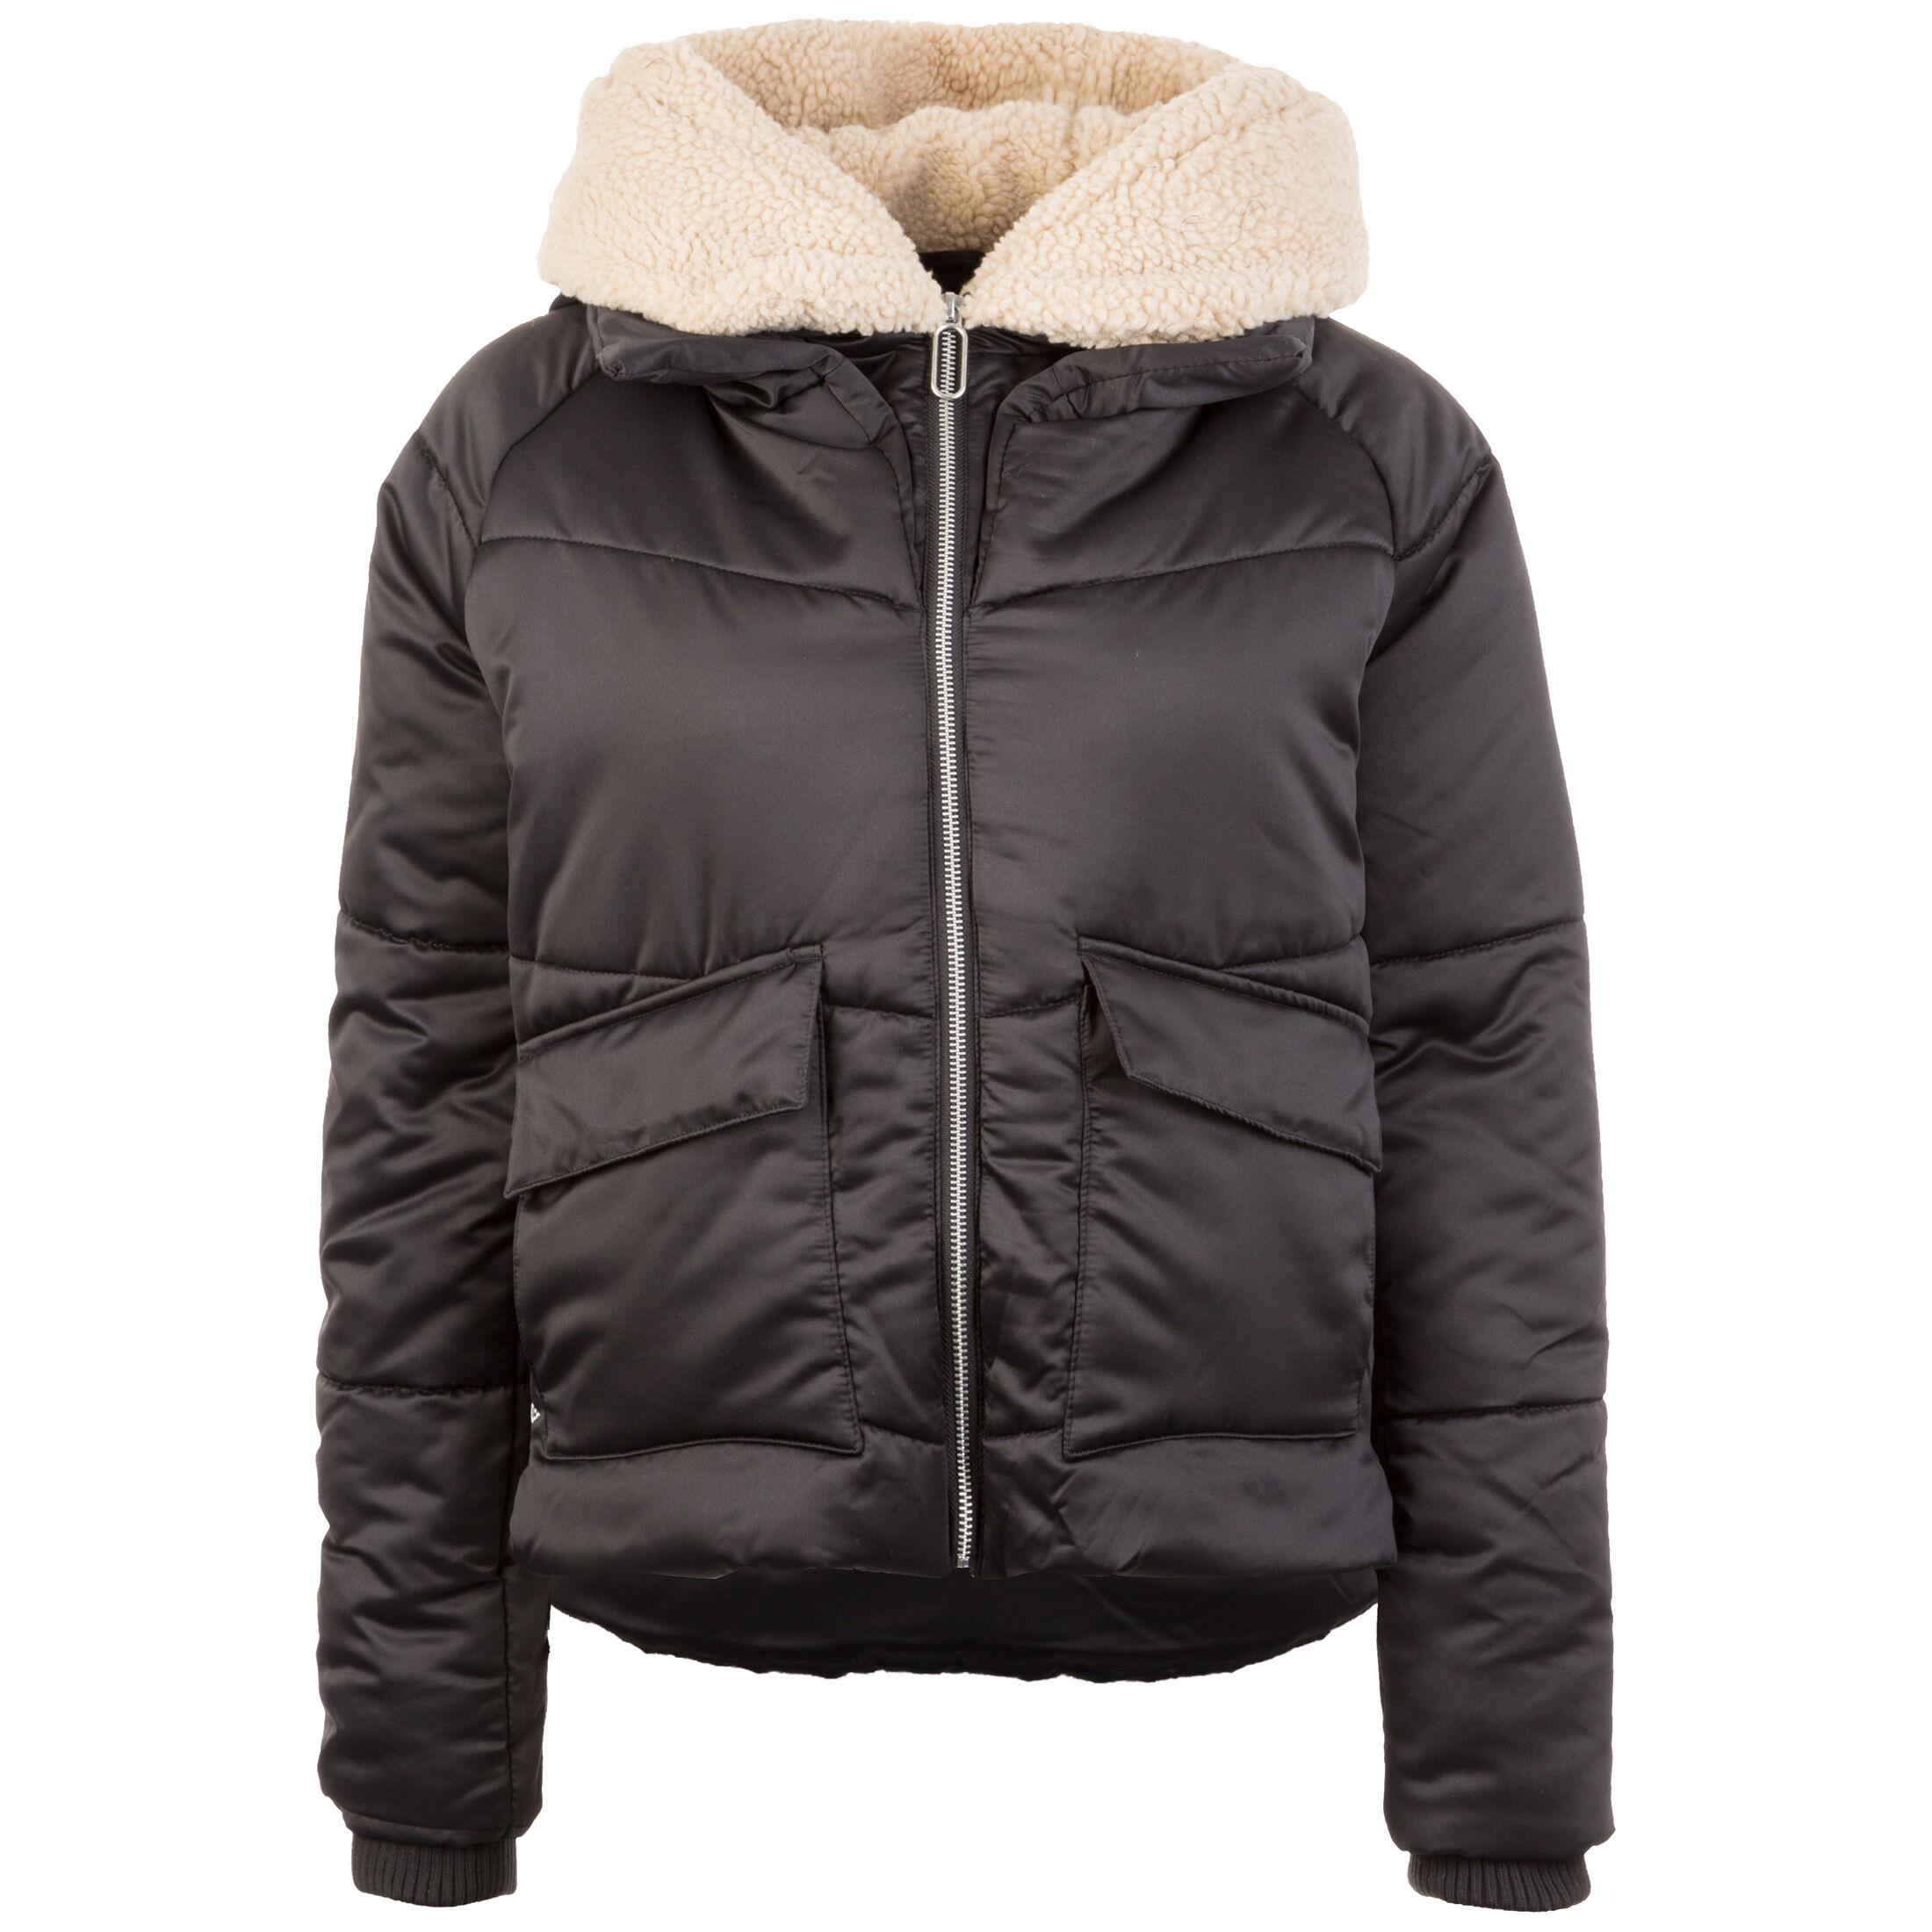 Sherpa Hooded Jacke Damen